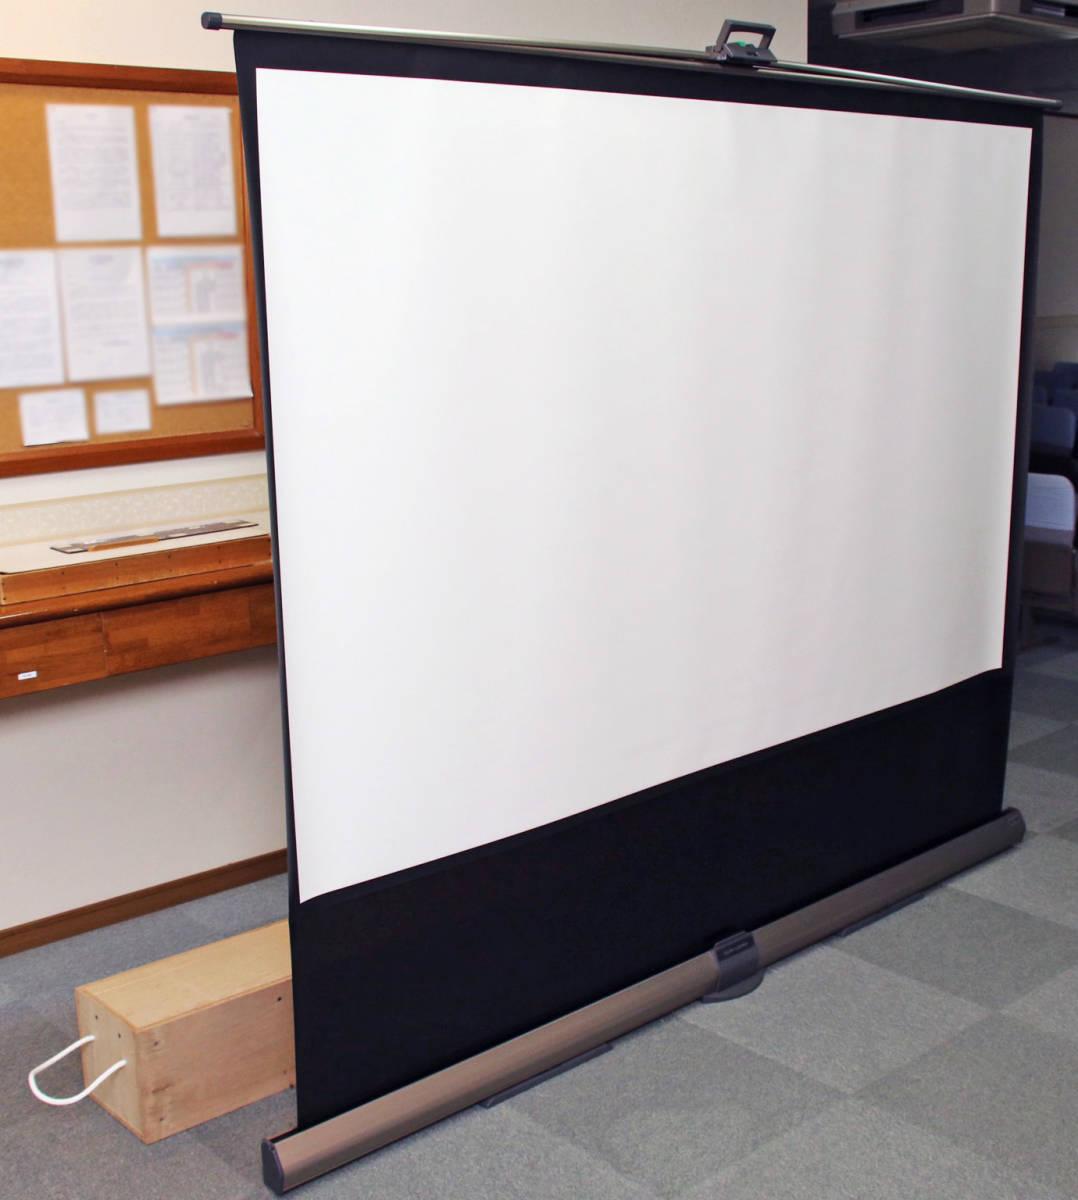 100インチ スクリーン IZUMI-KOSMO 「RS-100V」 プロジェクター